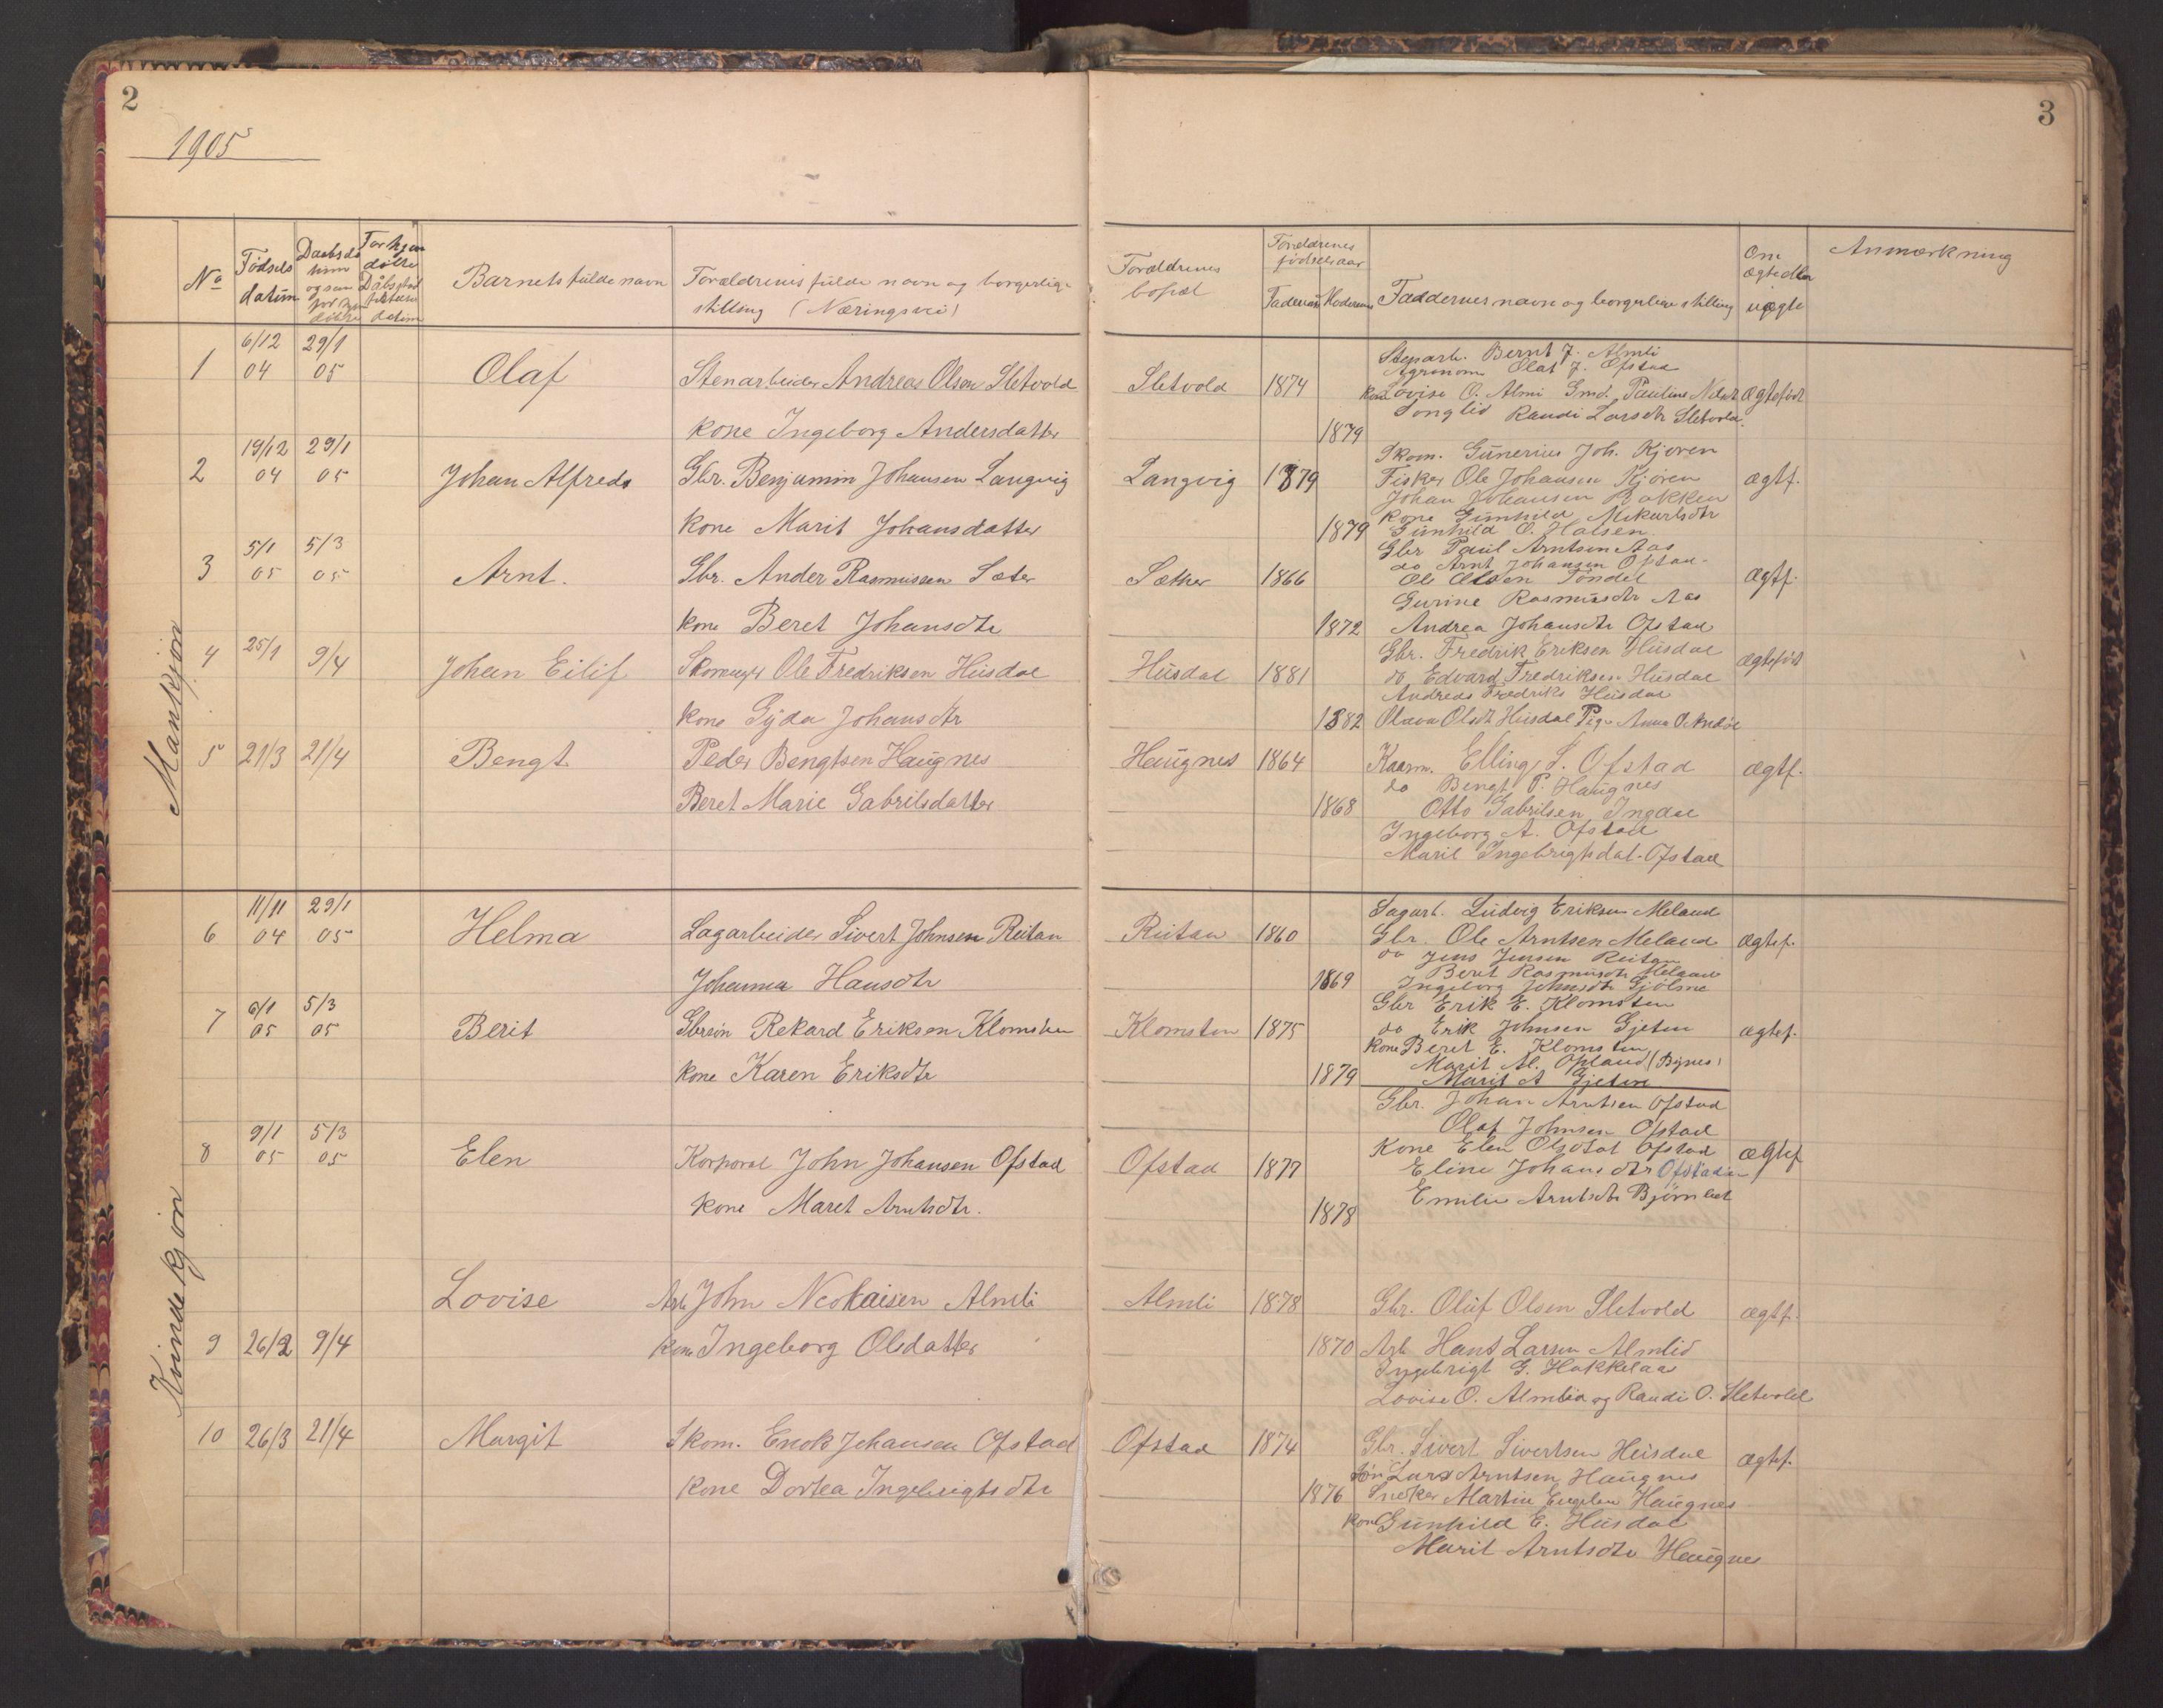 SAT, Ministerialprotokoller, klokkerbøker og fødselsregistre - Sør-Trøndelag, 670/L0837: Klokkerbok nr. 670C01, 1905-1946, s. 2-3